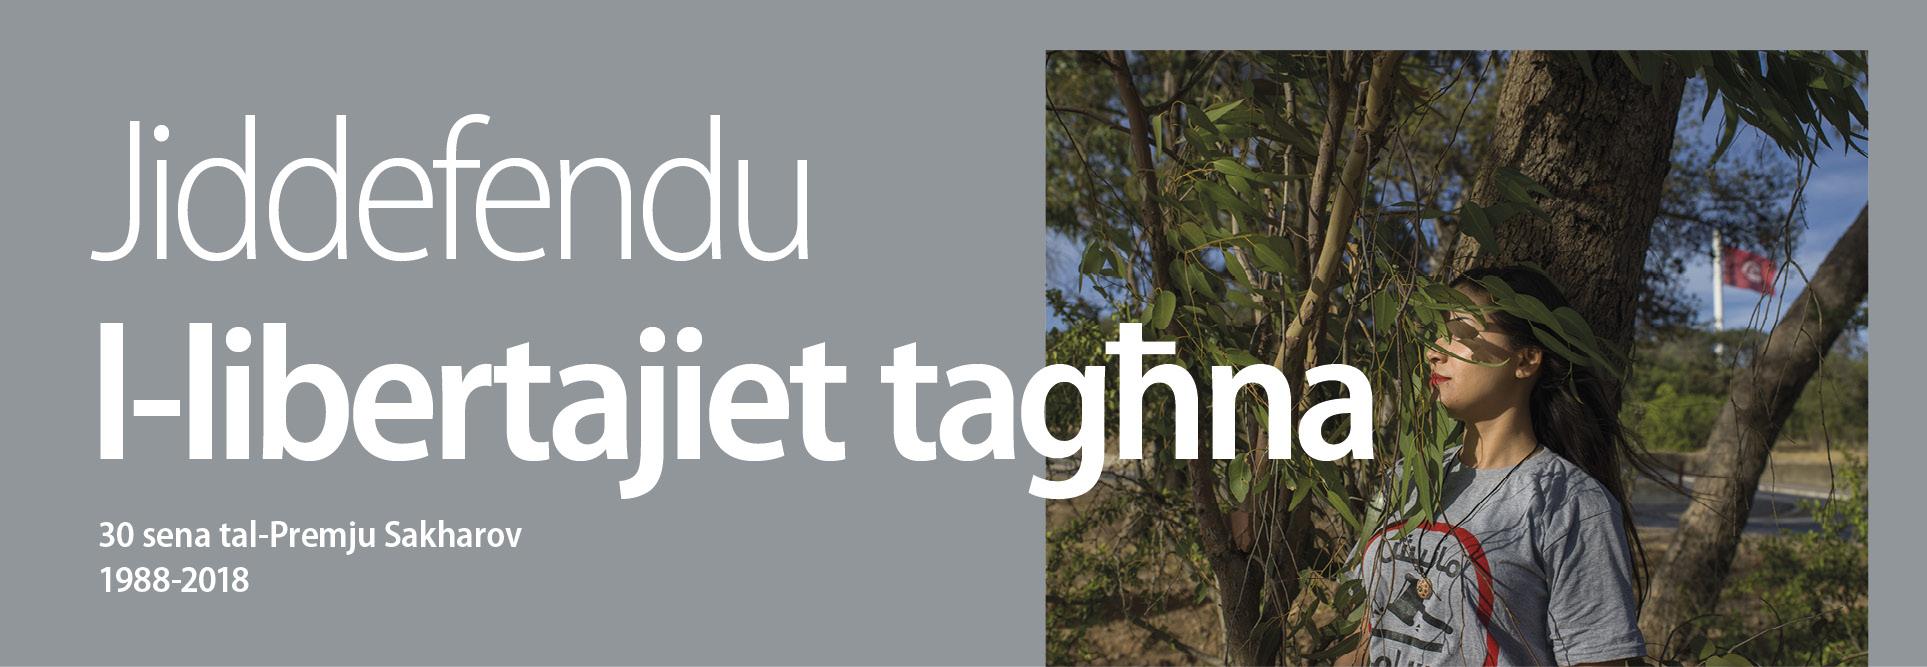 Jiddefendu l-libertajiet tagħna 30 sena tal-Premju Sakharov 1988-2018